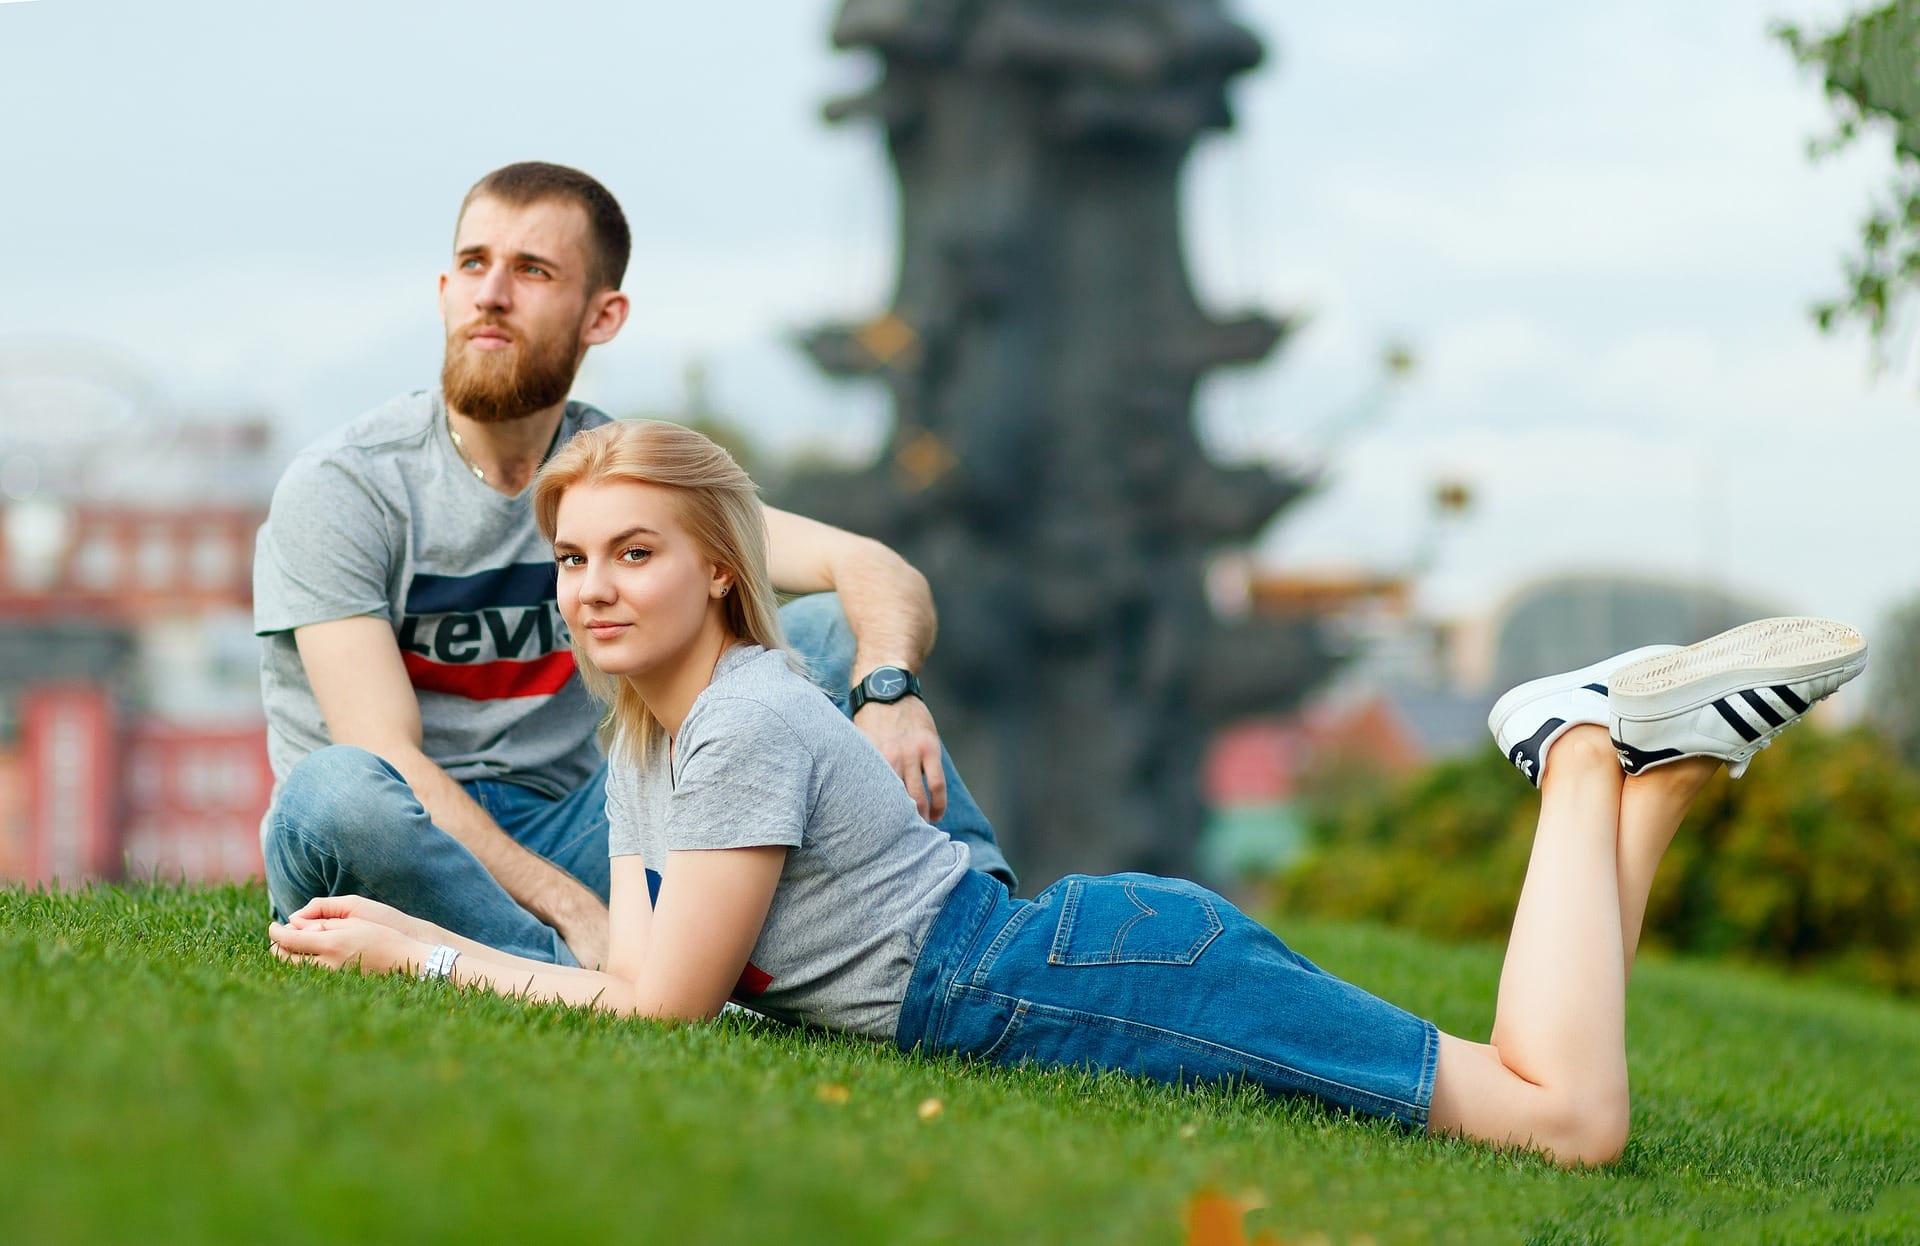 К сожалению, заместительные сложные отношения после расставания у парней и девушек складываются по сценарию предыдущих